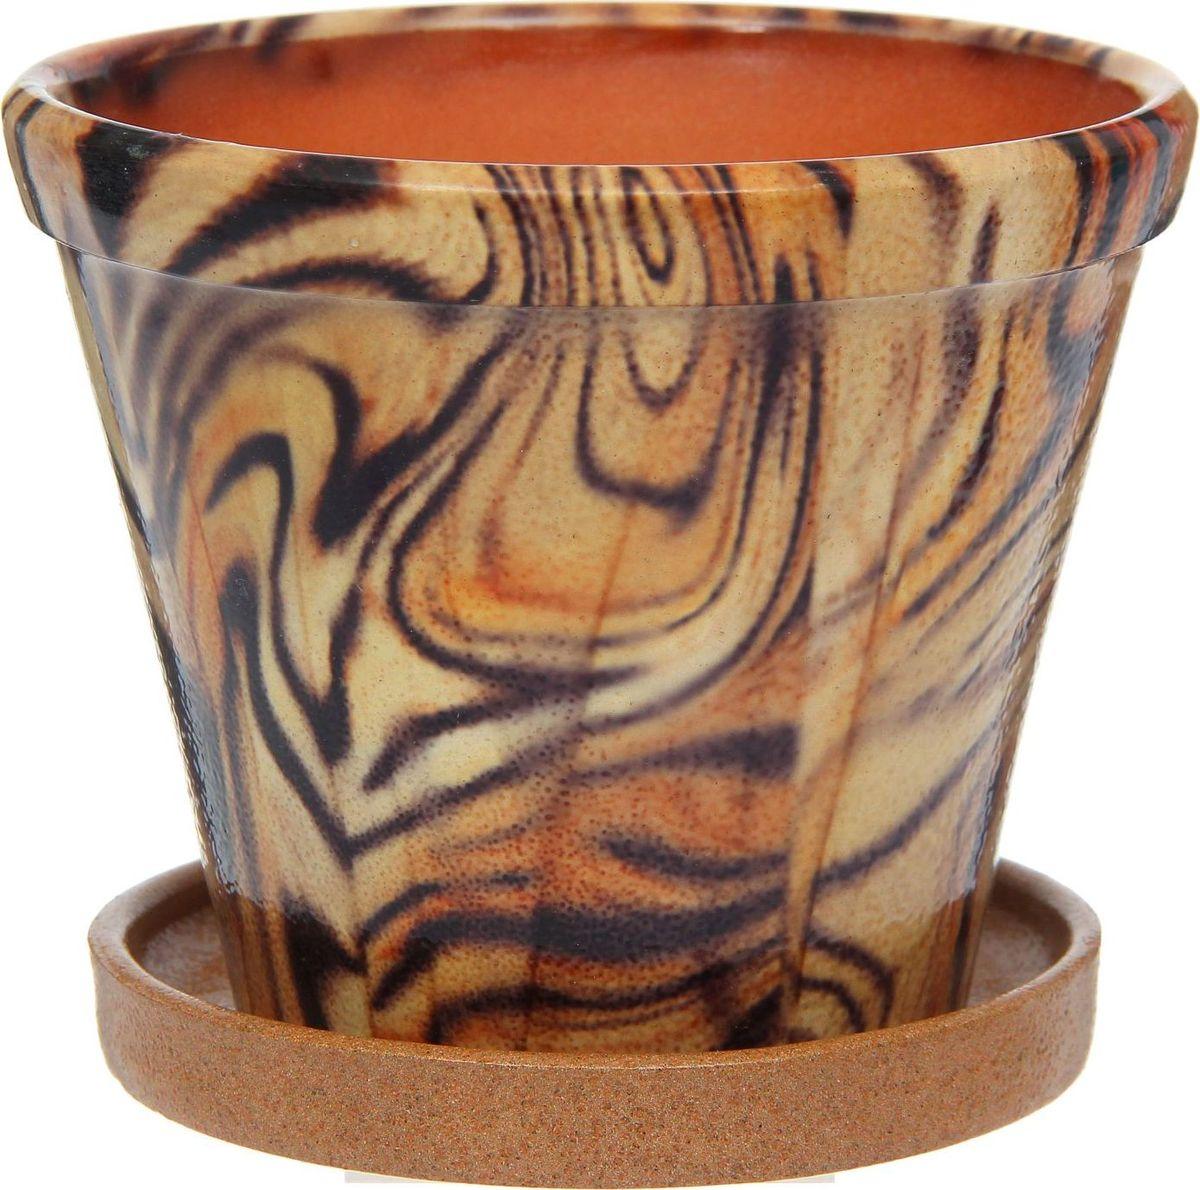 Кашпо Цветник. Ангоб, 1,5 л1253817Комнатные растения — всеобщие любимцы. Они радуют глаз, насыщают помещение кислородом и украшают пространство. Каждому из них необходим свой удобный и красивый дом. Кашпо из керамики прекрасно подходят для высадки растений: за счет пластичности глины и разных способов обработки существует великое множество форм и дизайнов пористый материал позволяет испаряться лишней влаге воздух, необходимый для дыхания корней, проникает сквозь керамические стенки! позаботится о зеленом питомце, освежит интерьер и подчеркнет его стиль.